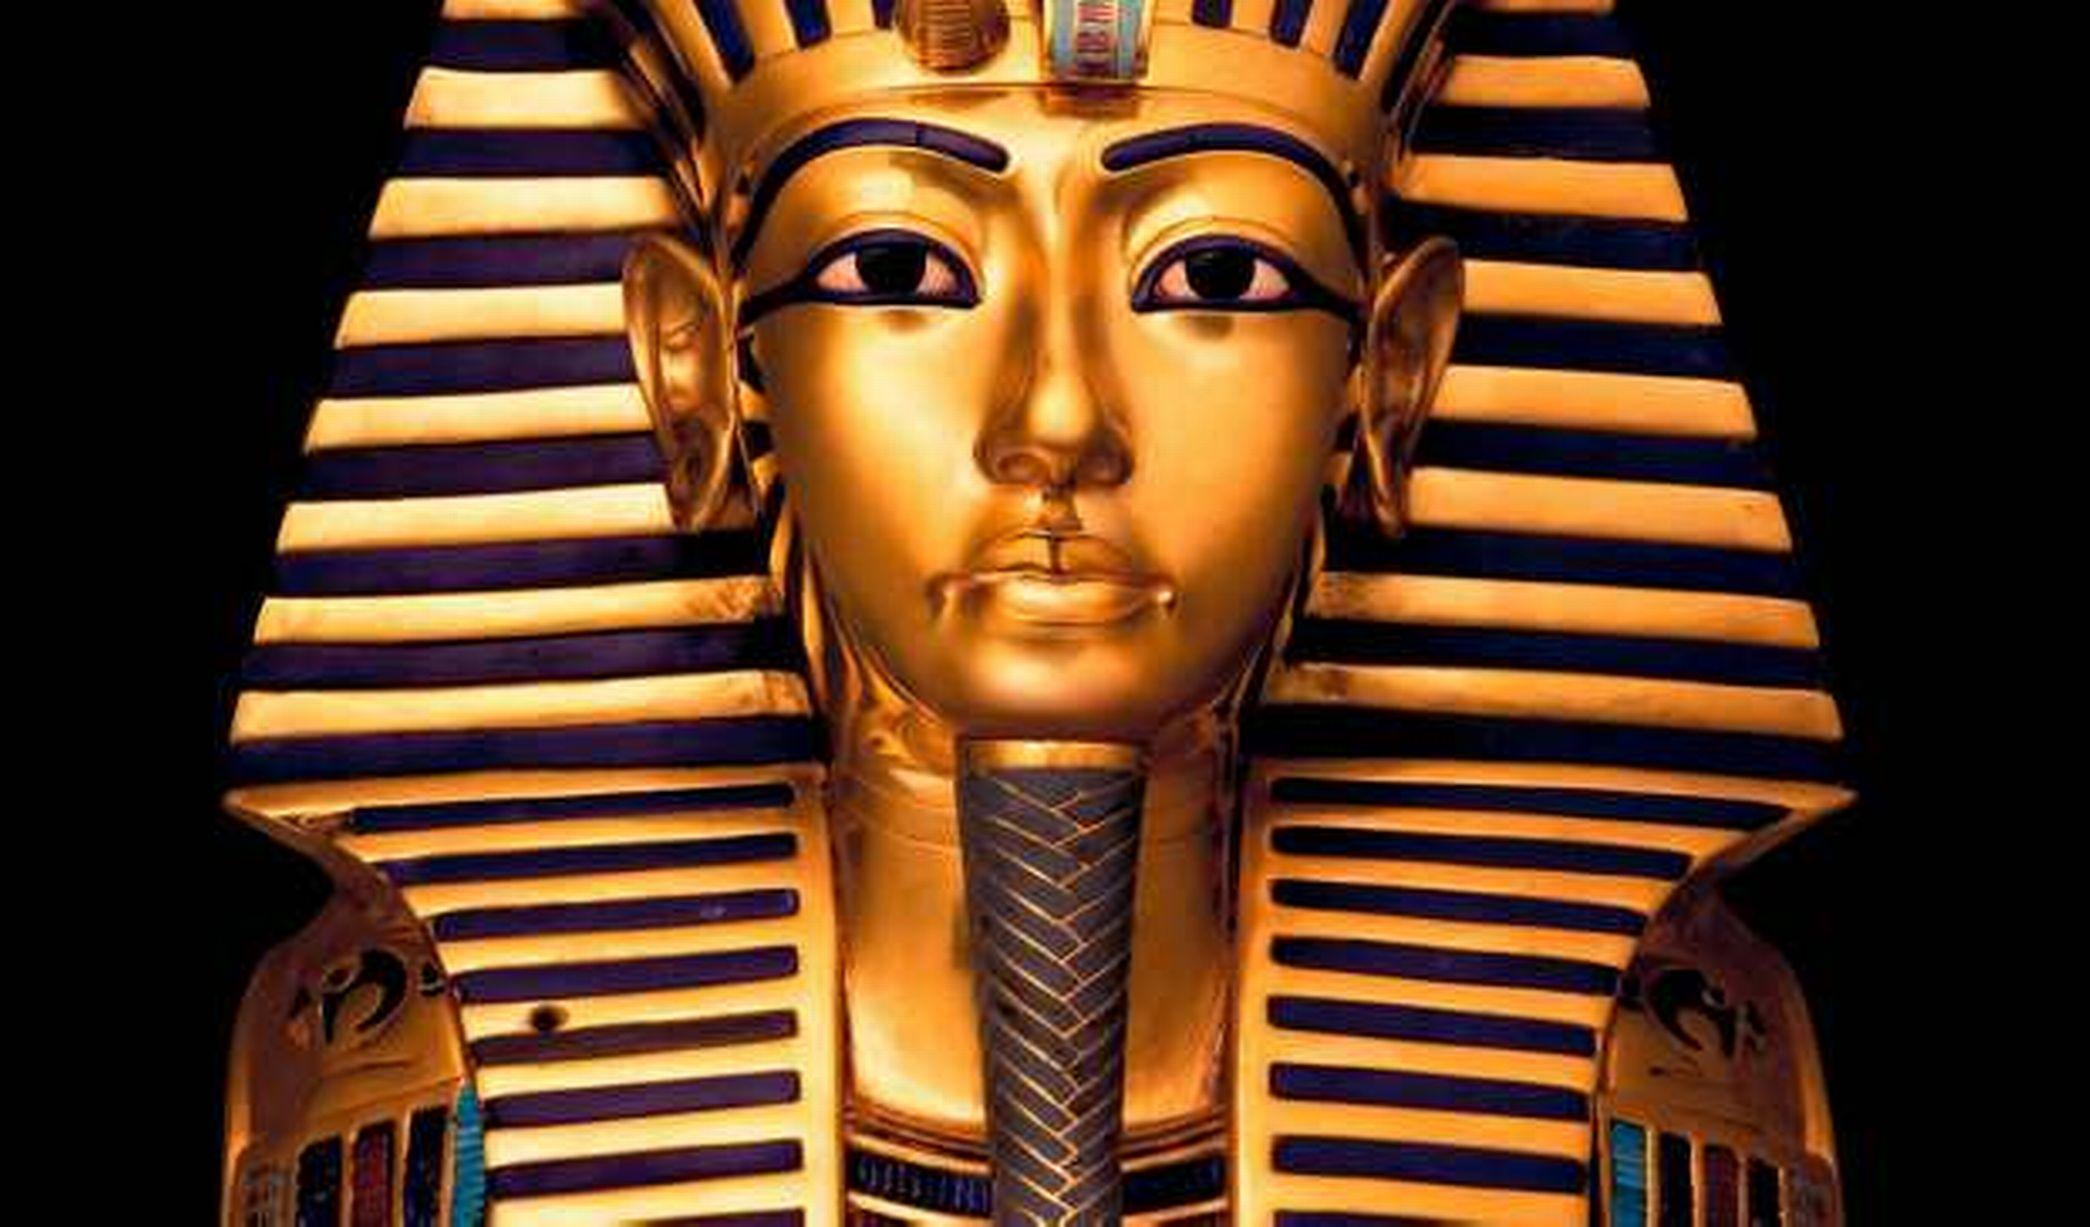 ऐसे थे हमारे मगध के राजा सम्राट अशोक !